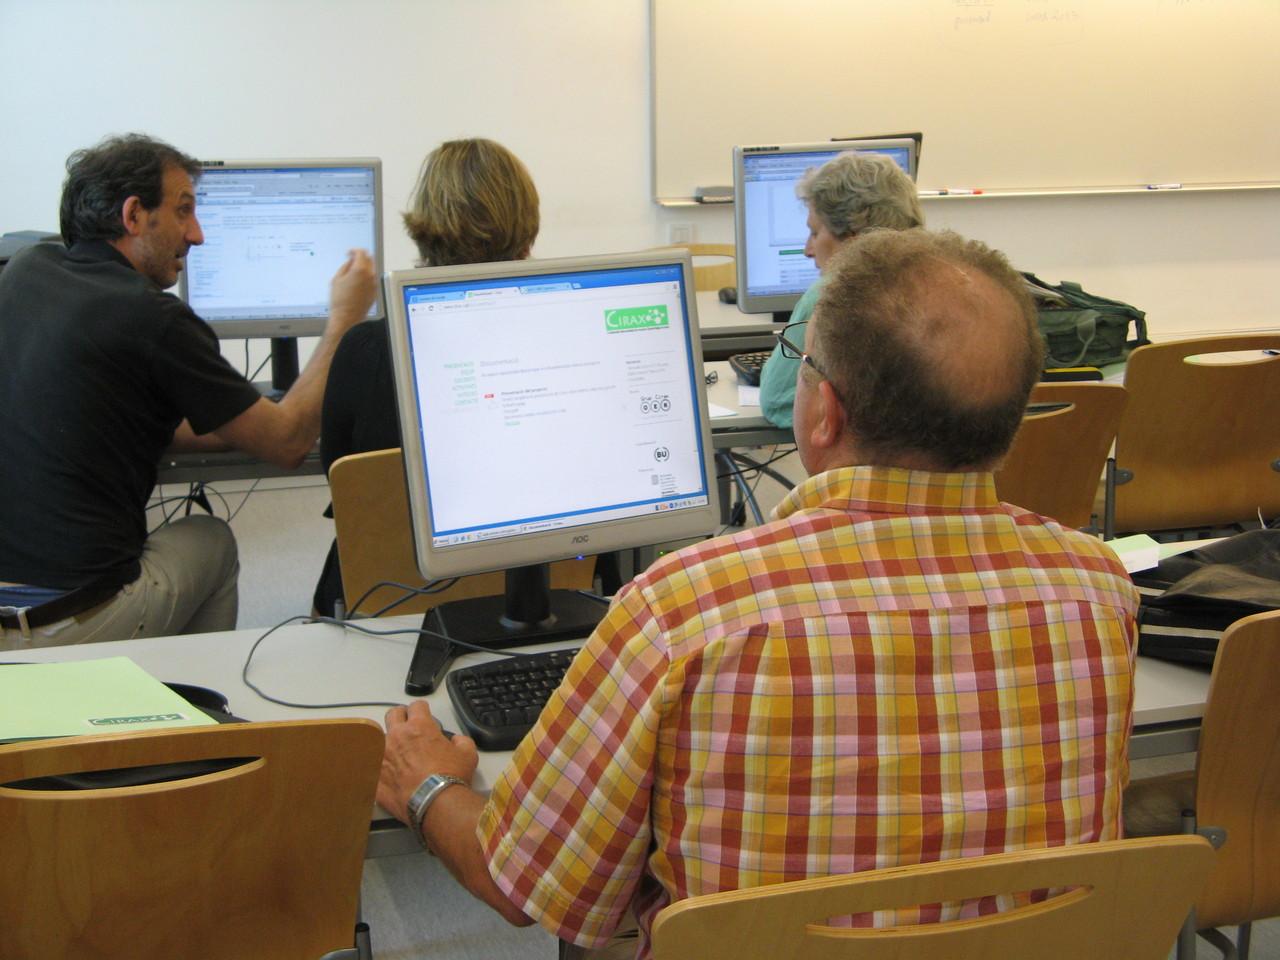 Els assistents van treballar en grups reduits per discutir la relació entre Cirax i la pràctica docent